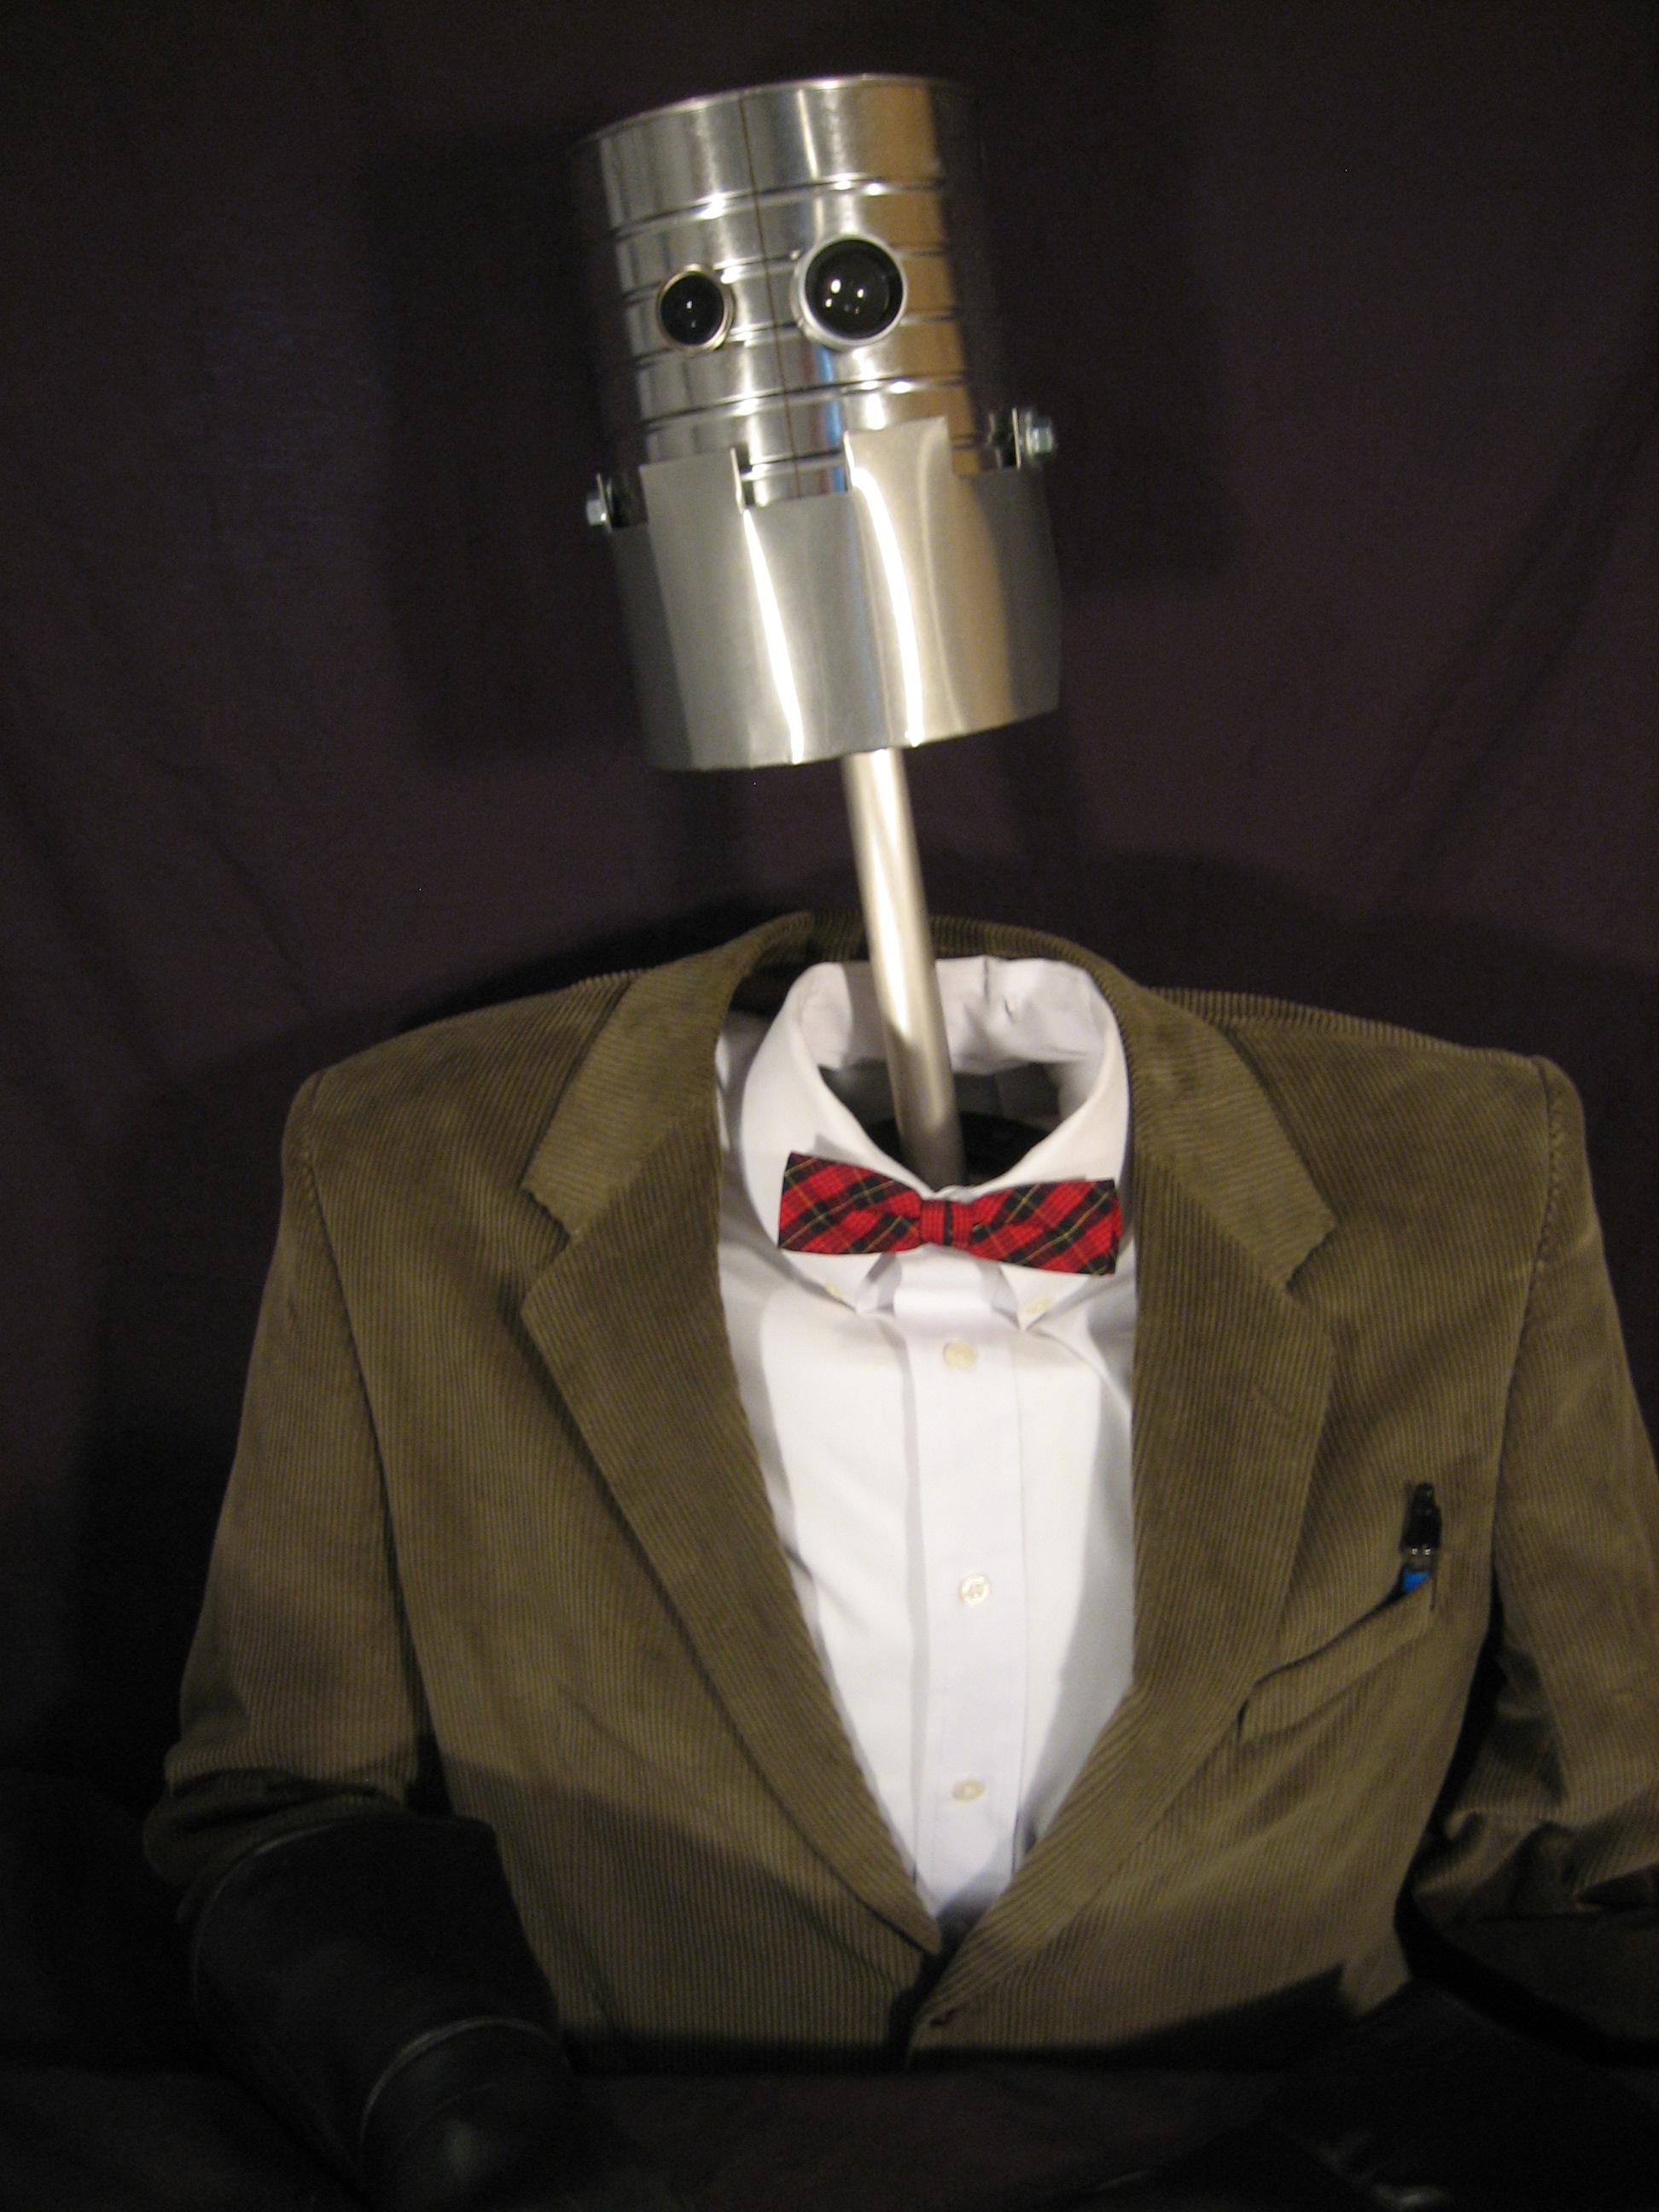 Dr. Robot Head w/ Bitey